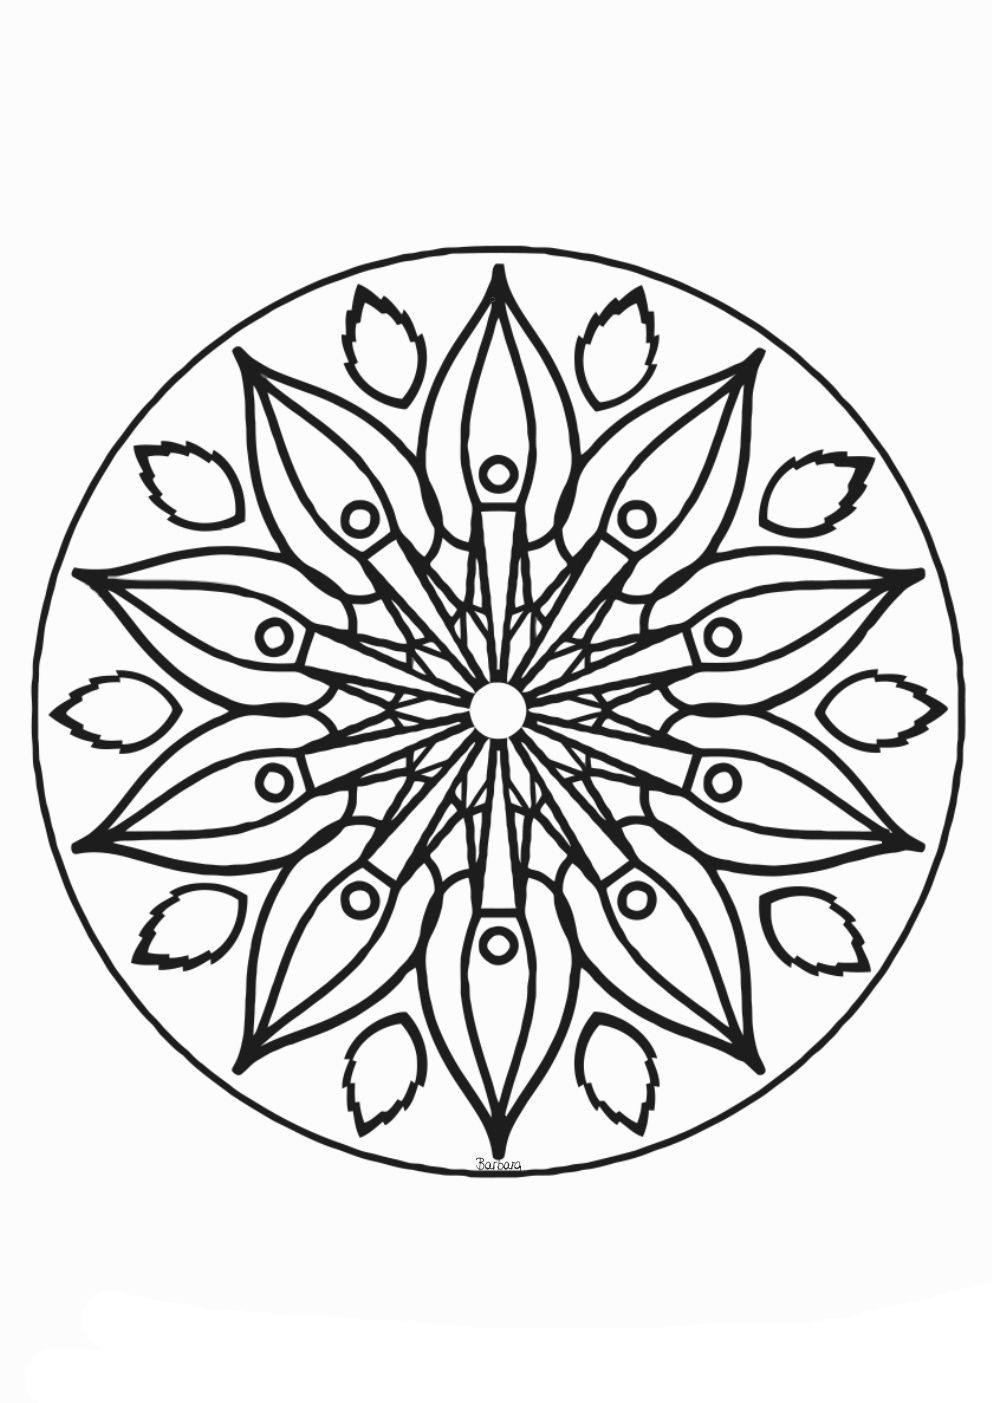 Engel-Mandala zum ausmalen 8  Mandala zum ausdrucken